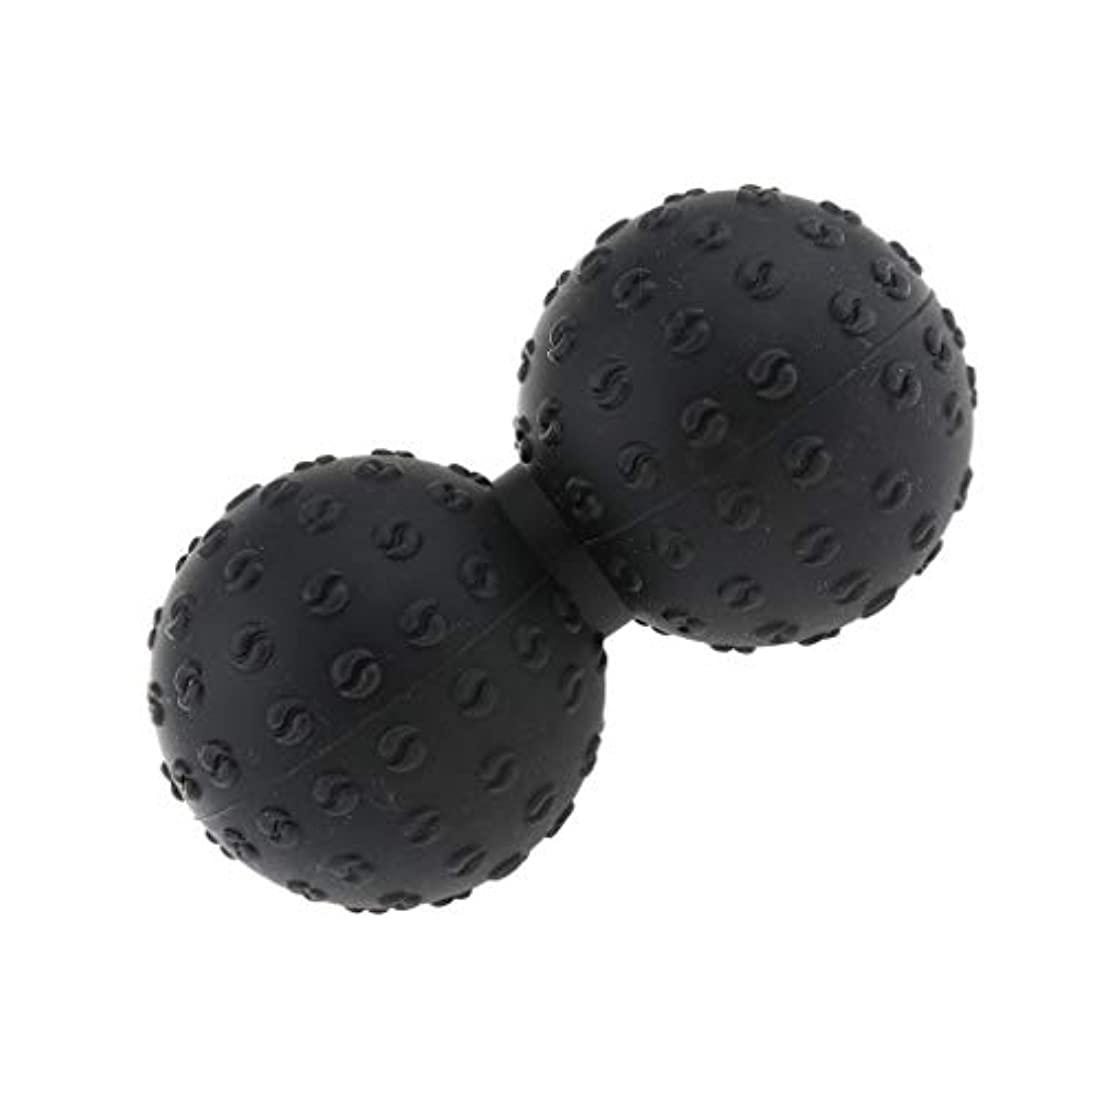 お願いします薬を飲む協力マッサージボール 指圧ボール シリコン ピーナッツ トリガーポイント 肩、足、腕など 解消 全6色 - ブラック, 説明のとおり